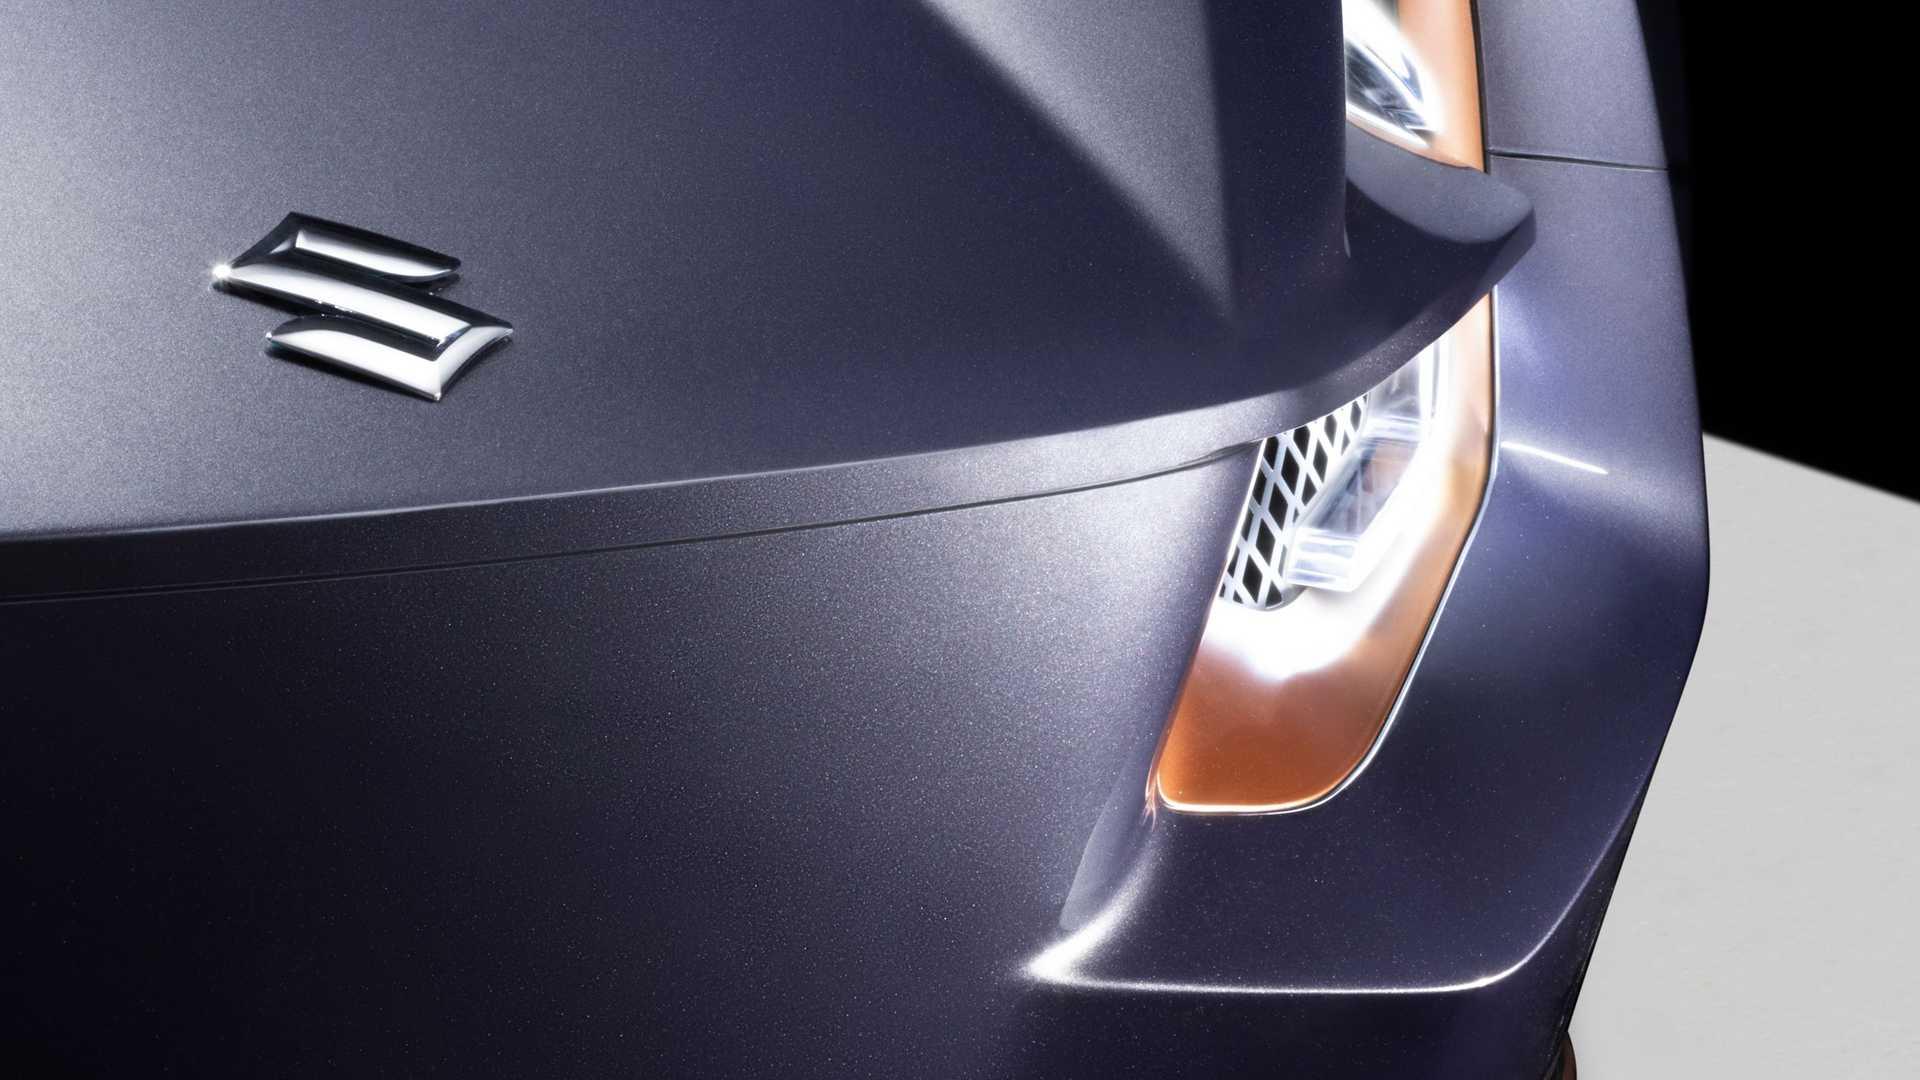 Suzuki-Misano-Concept-IED-23